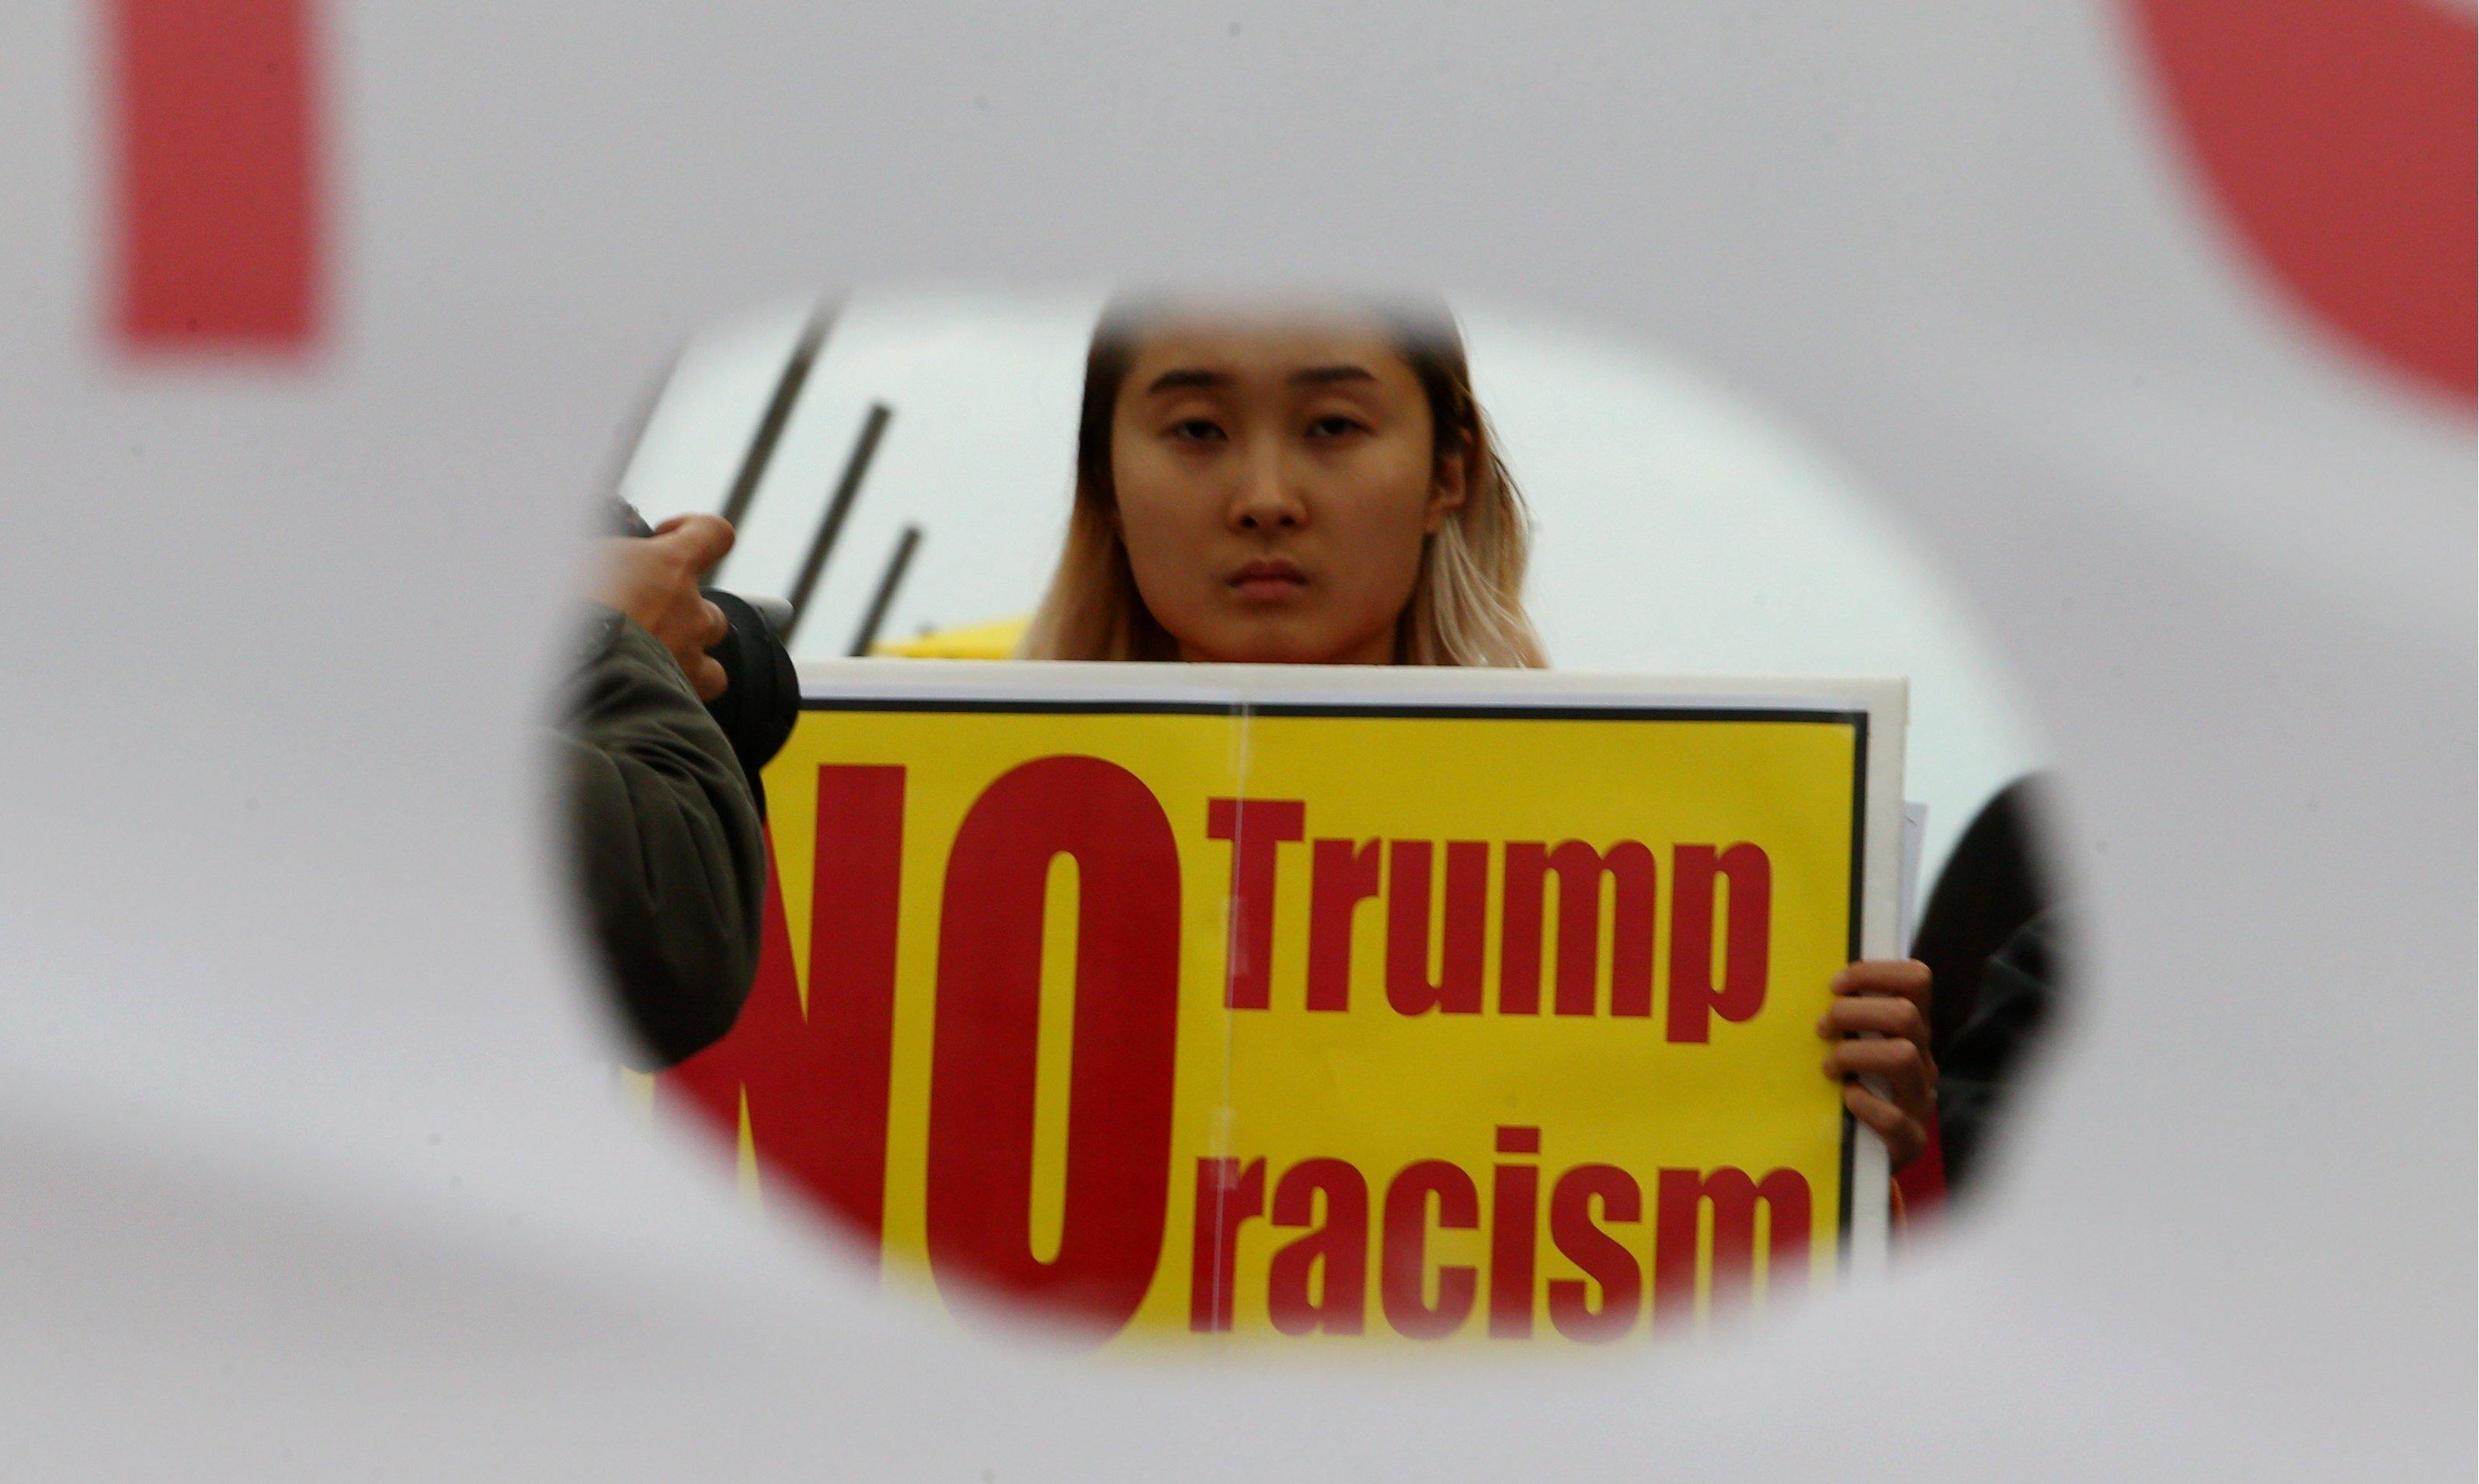 Manifestants protesten en contra de la pròxima visita del president dels Estats Units, Donald Trump, a Seül (Corea del Sud). /KIM CHUL-SOO